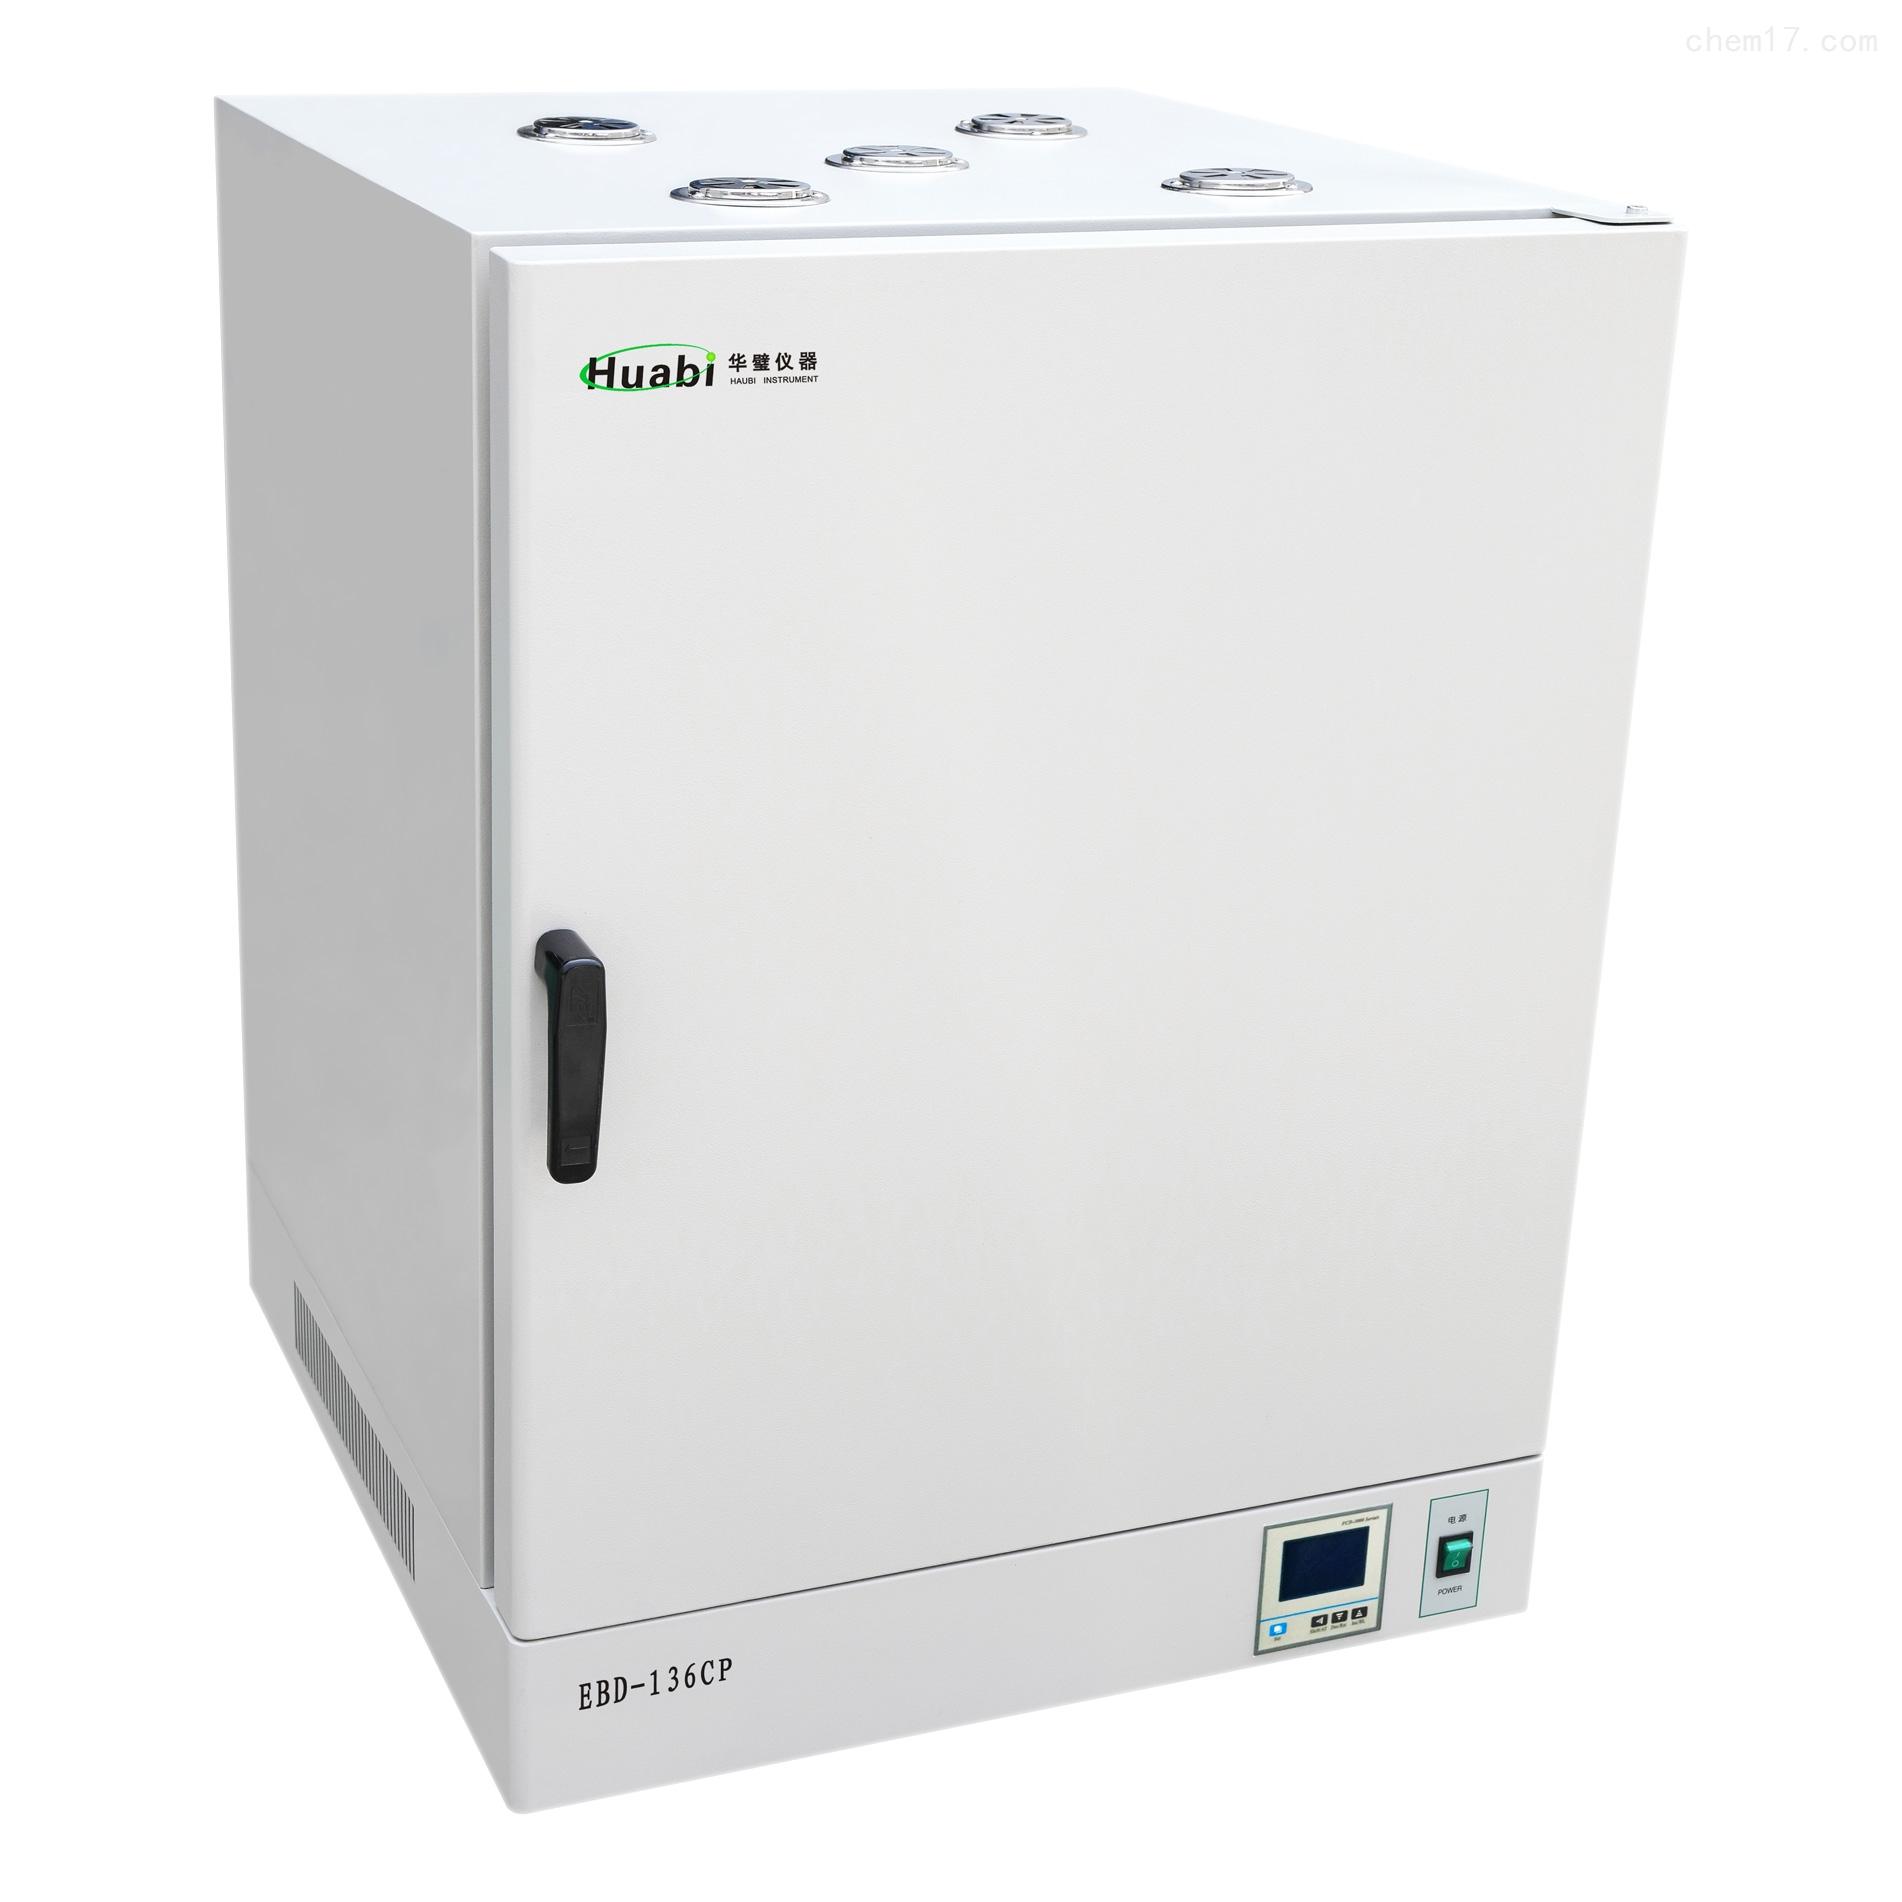 恒温鼓风干燥箱EBD-C系列